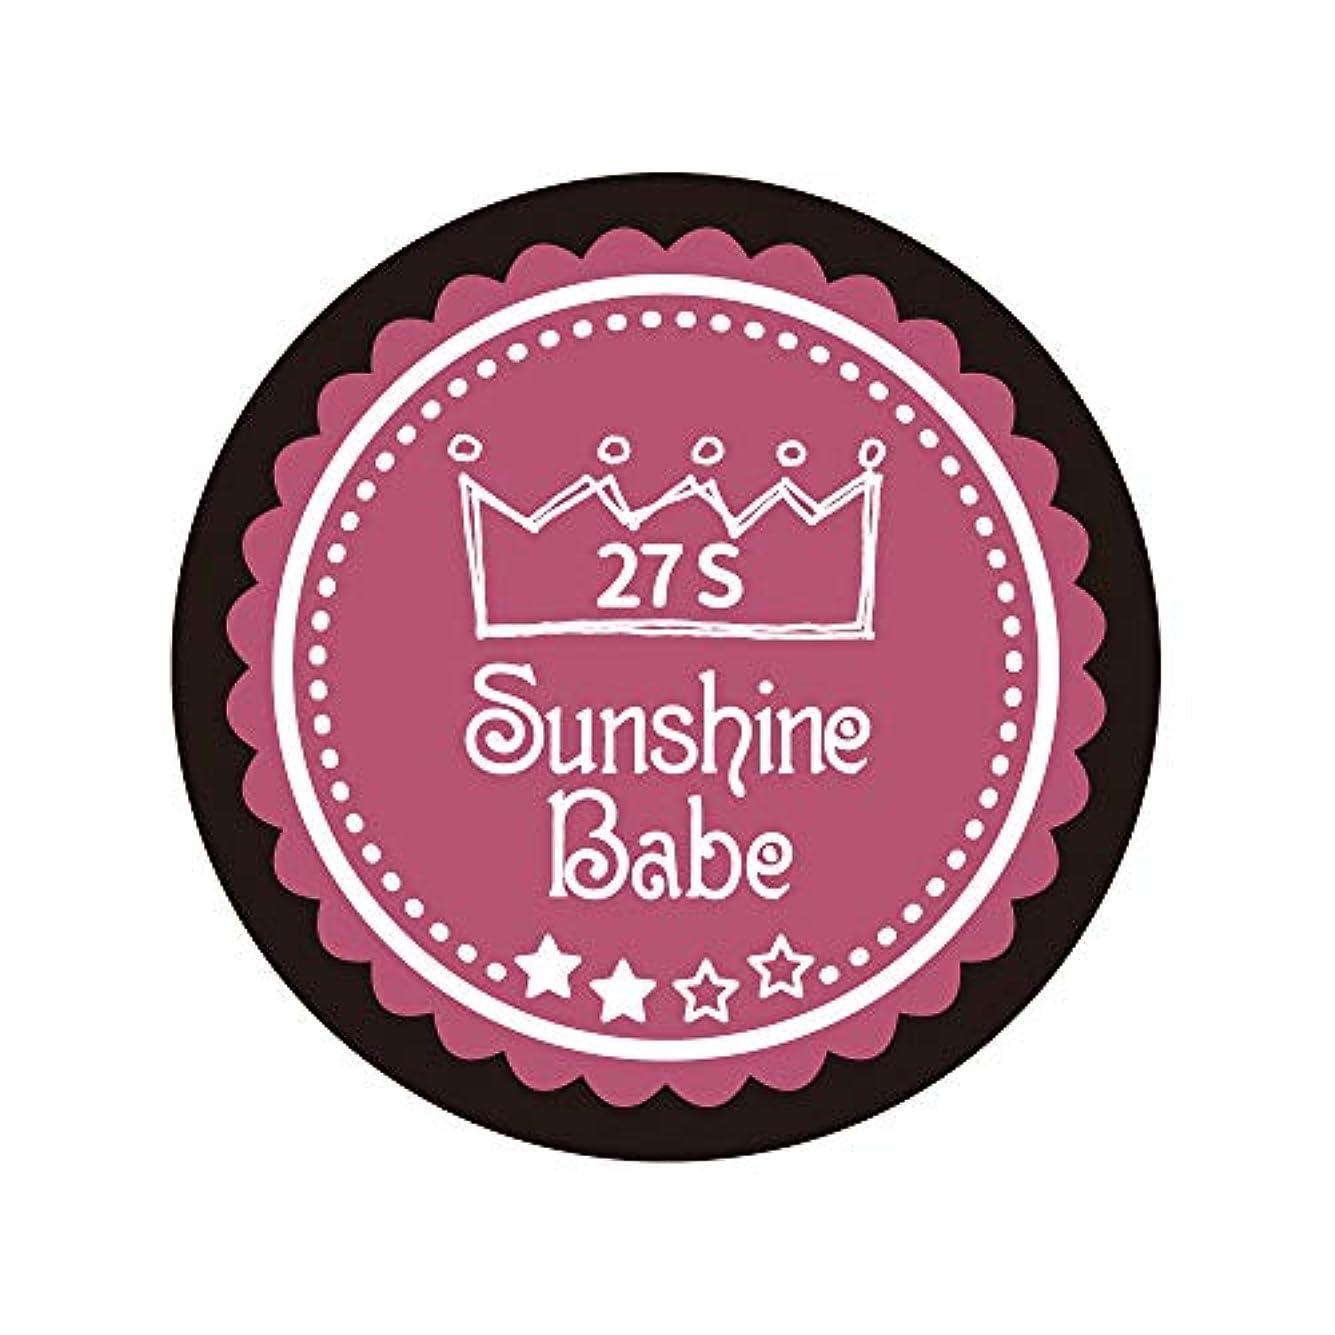 野心アセンブリ脚本家Sunshine Babe カラージェル 27S プアゾン 2.7g UV/LED対応